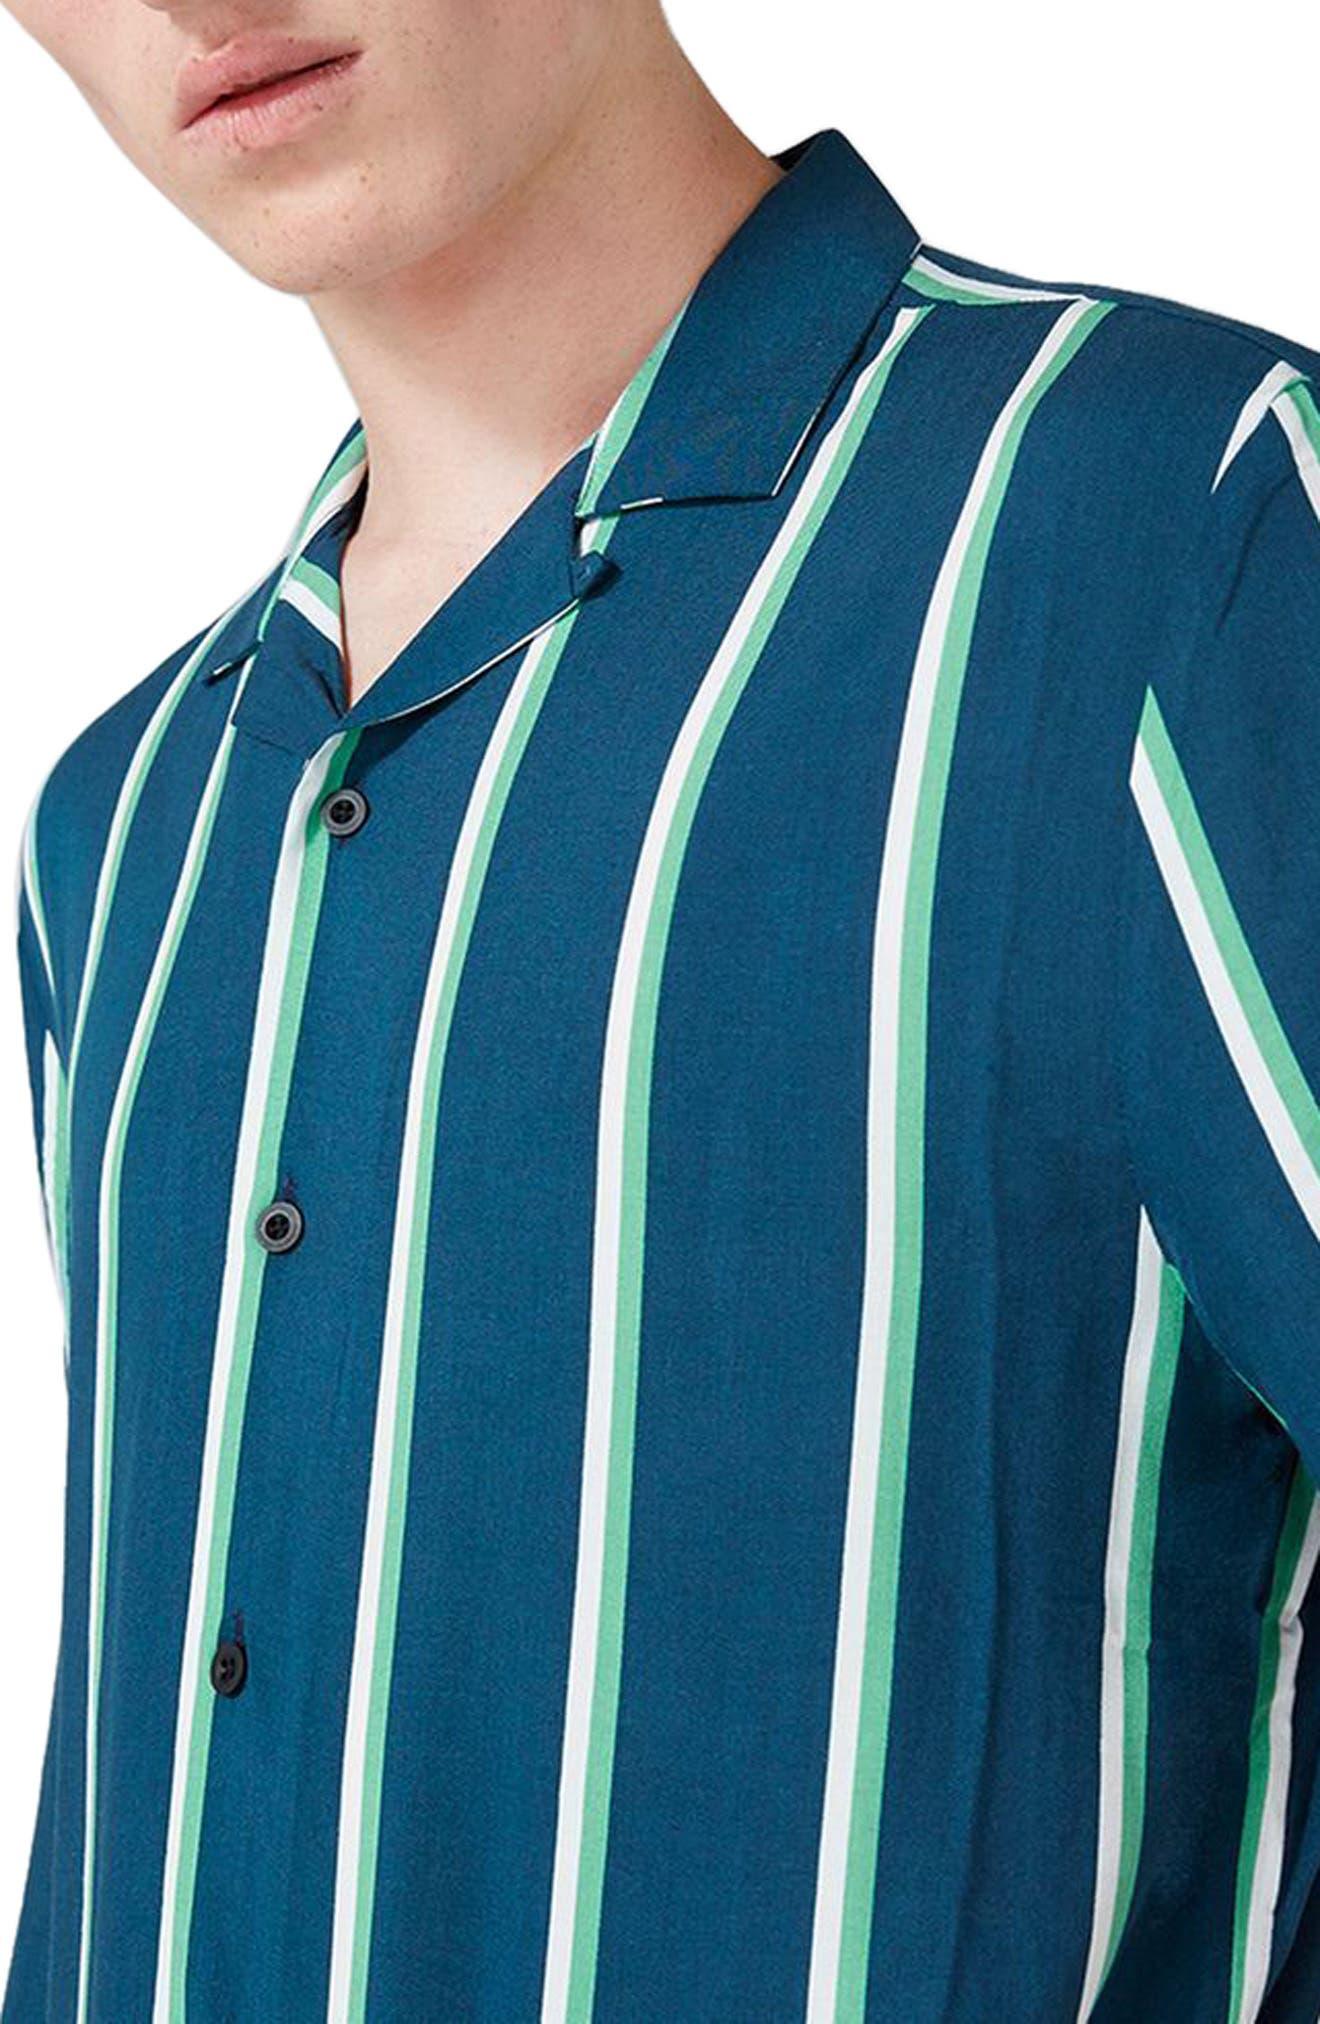 Stripe Revere Collar Shirt,                             Alternate thumbnail 3, color,                             400